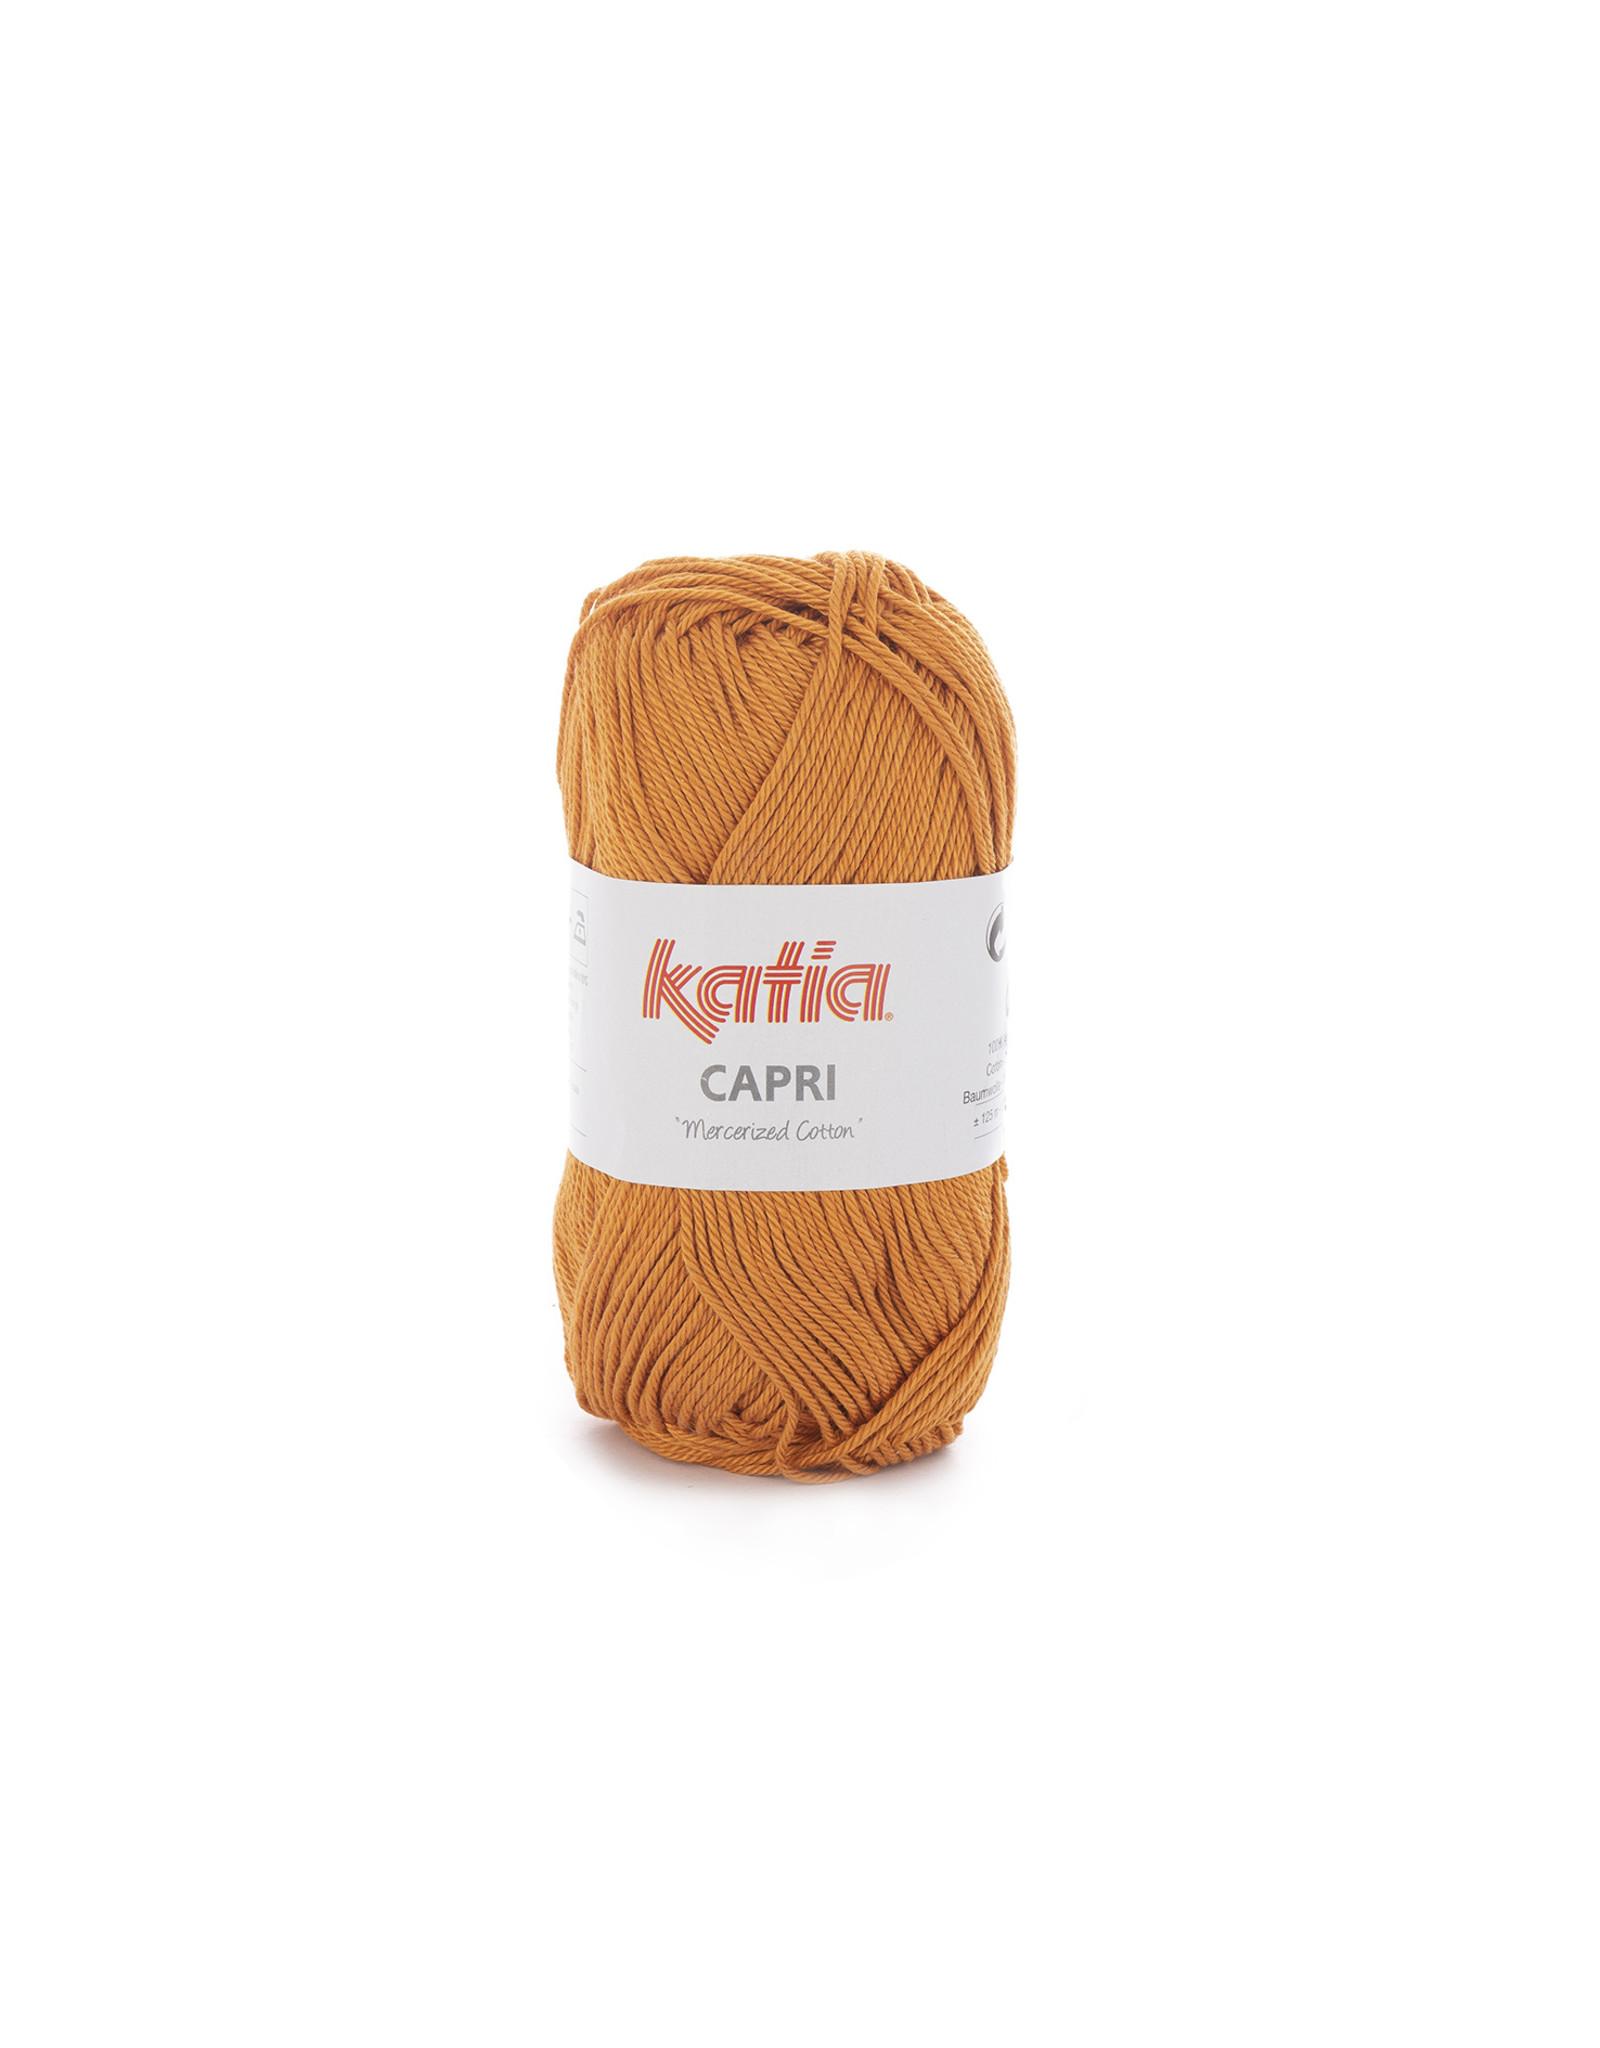 Katia Katia Capri - kleur 168 Oker - 50 gr. = 125 m. - 100% katoen